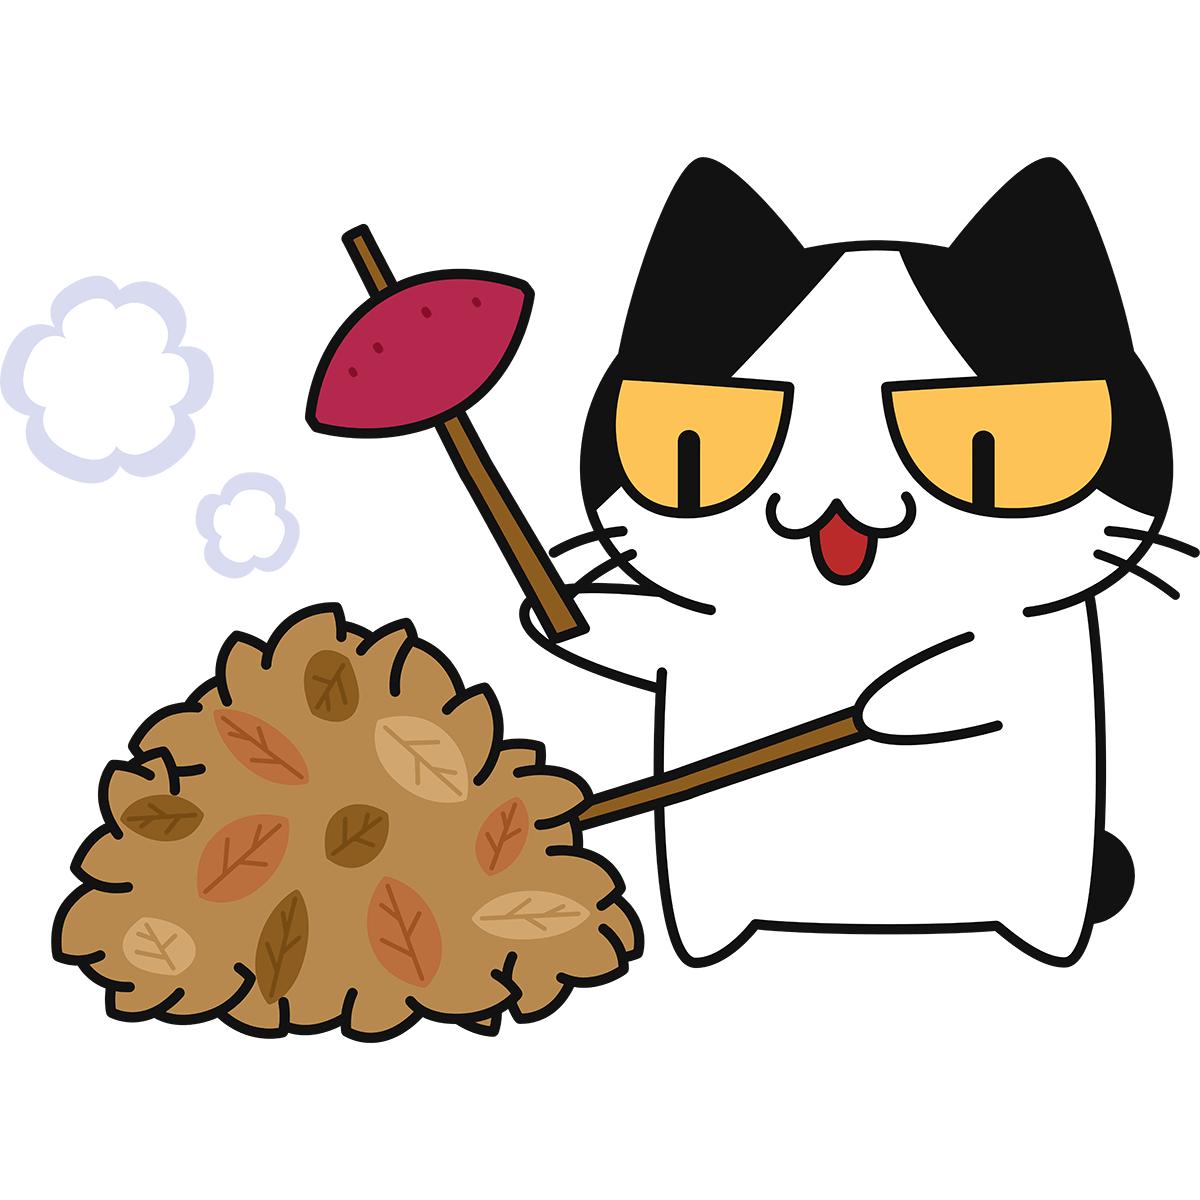 落ち葉で焼き芋をする猫の無料イラスト